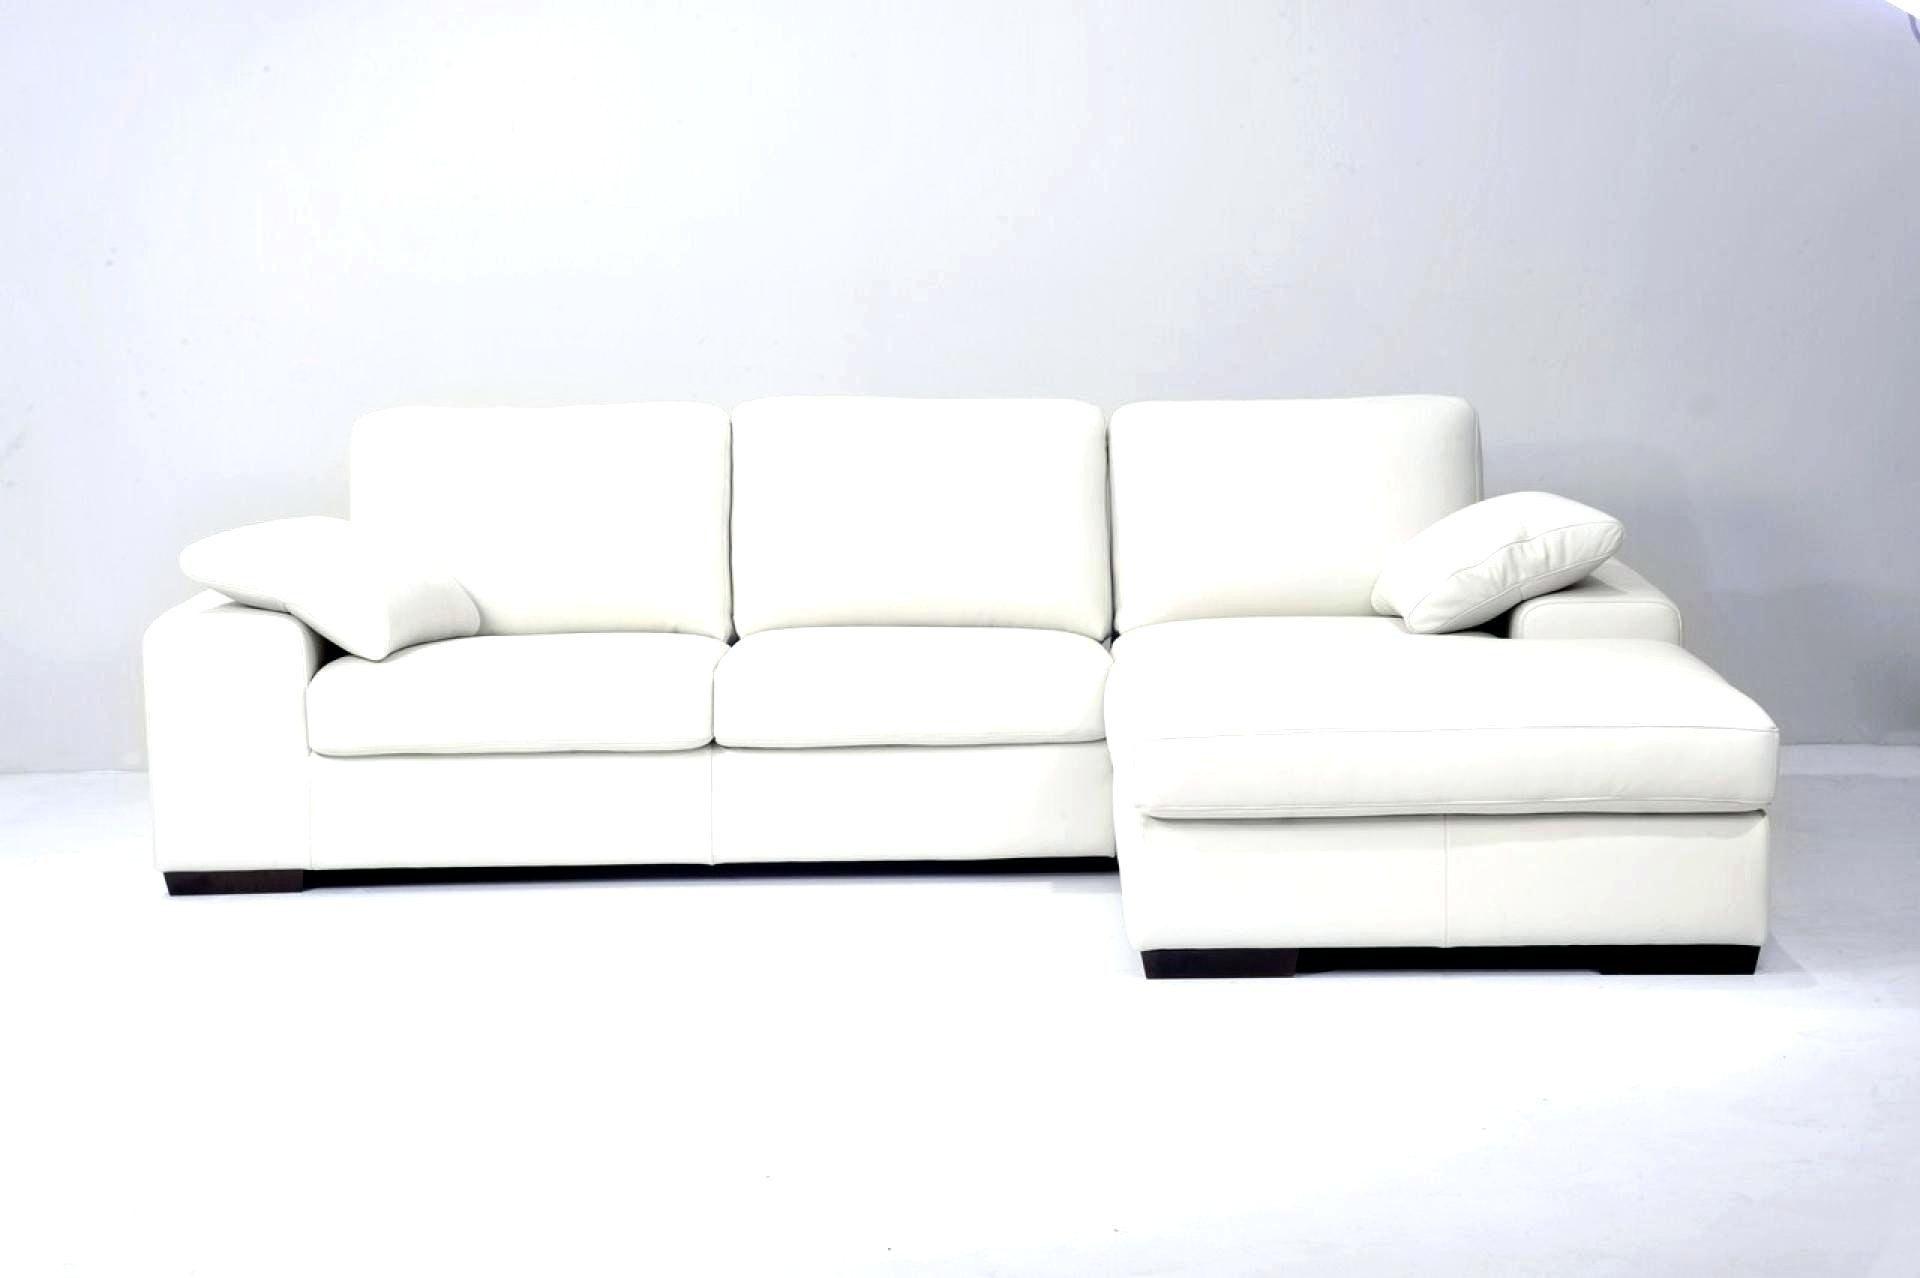 Lit Mezzanine Double Agréable Incroyable Lit Mezzanine Avec Canape Et Ikea Canap Lit Ma17 Hemnes